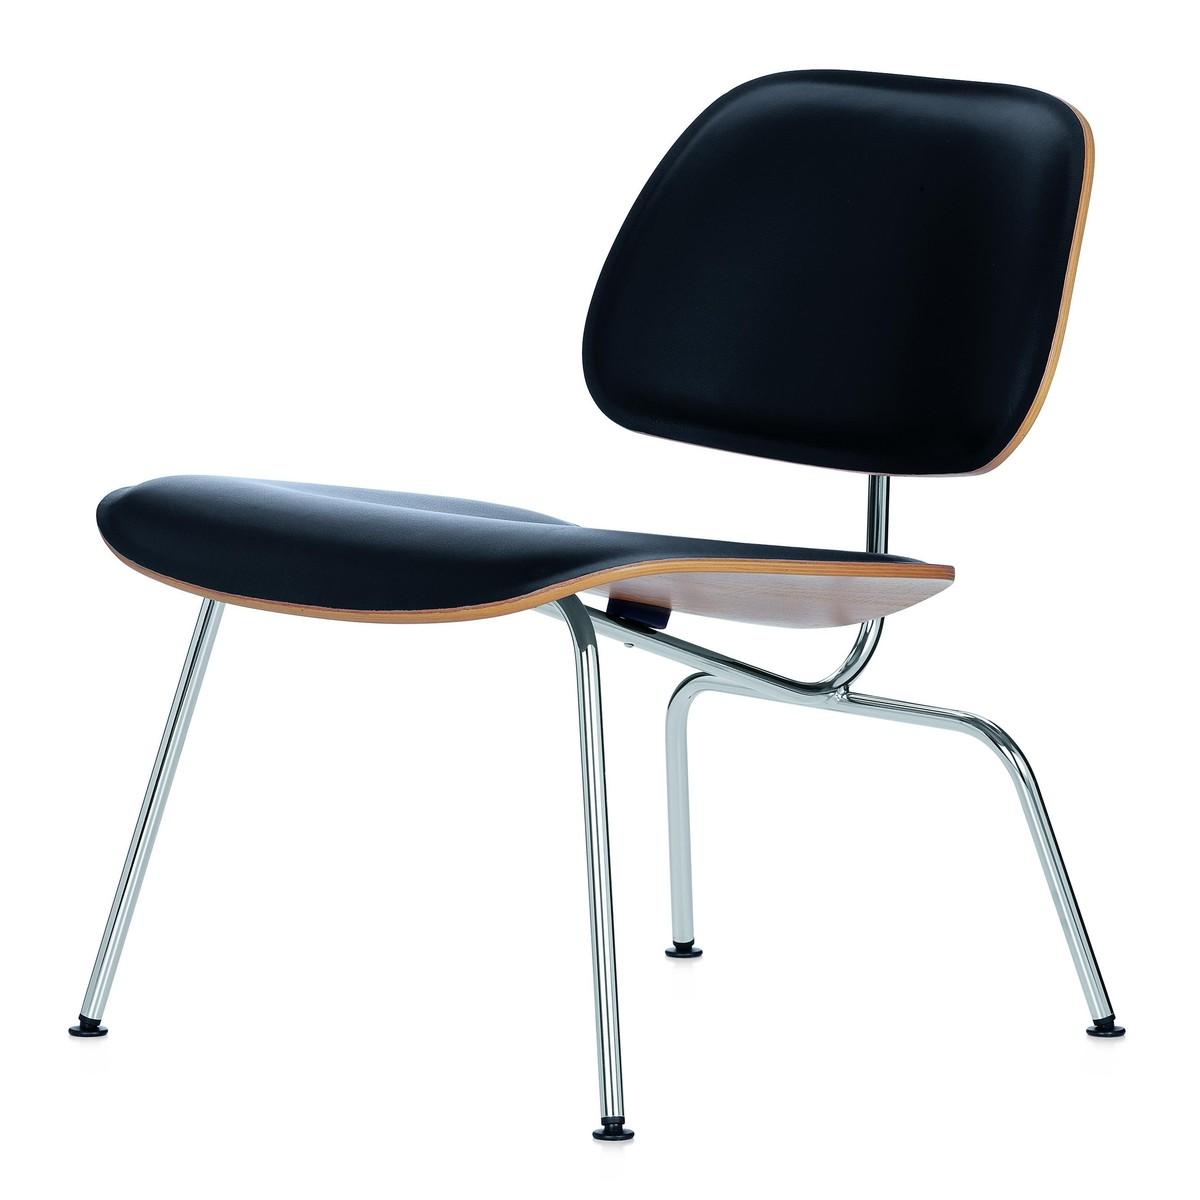 lcm stuhl leder vitra. Black Bedroom Furniture Sets. Home Design Ideas